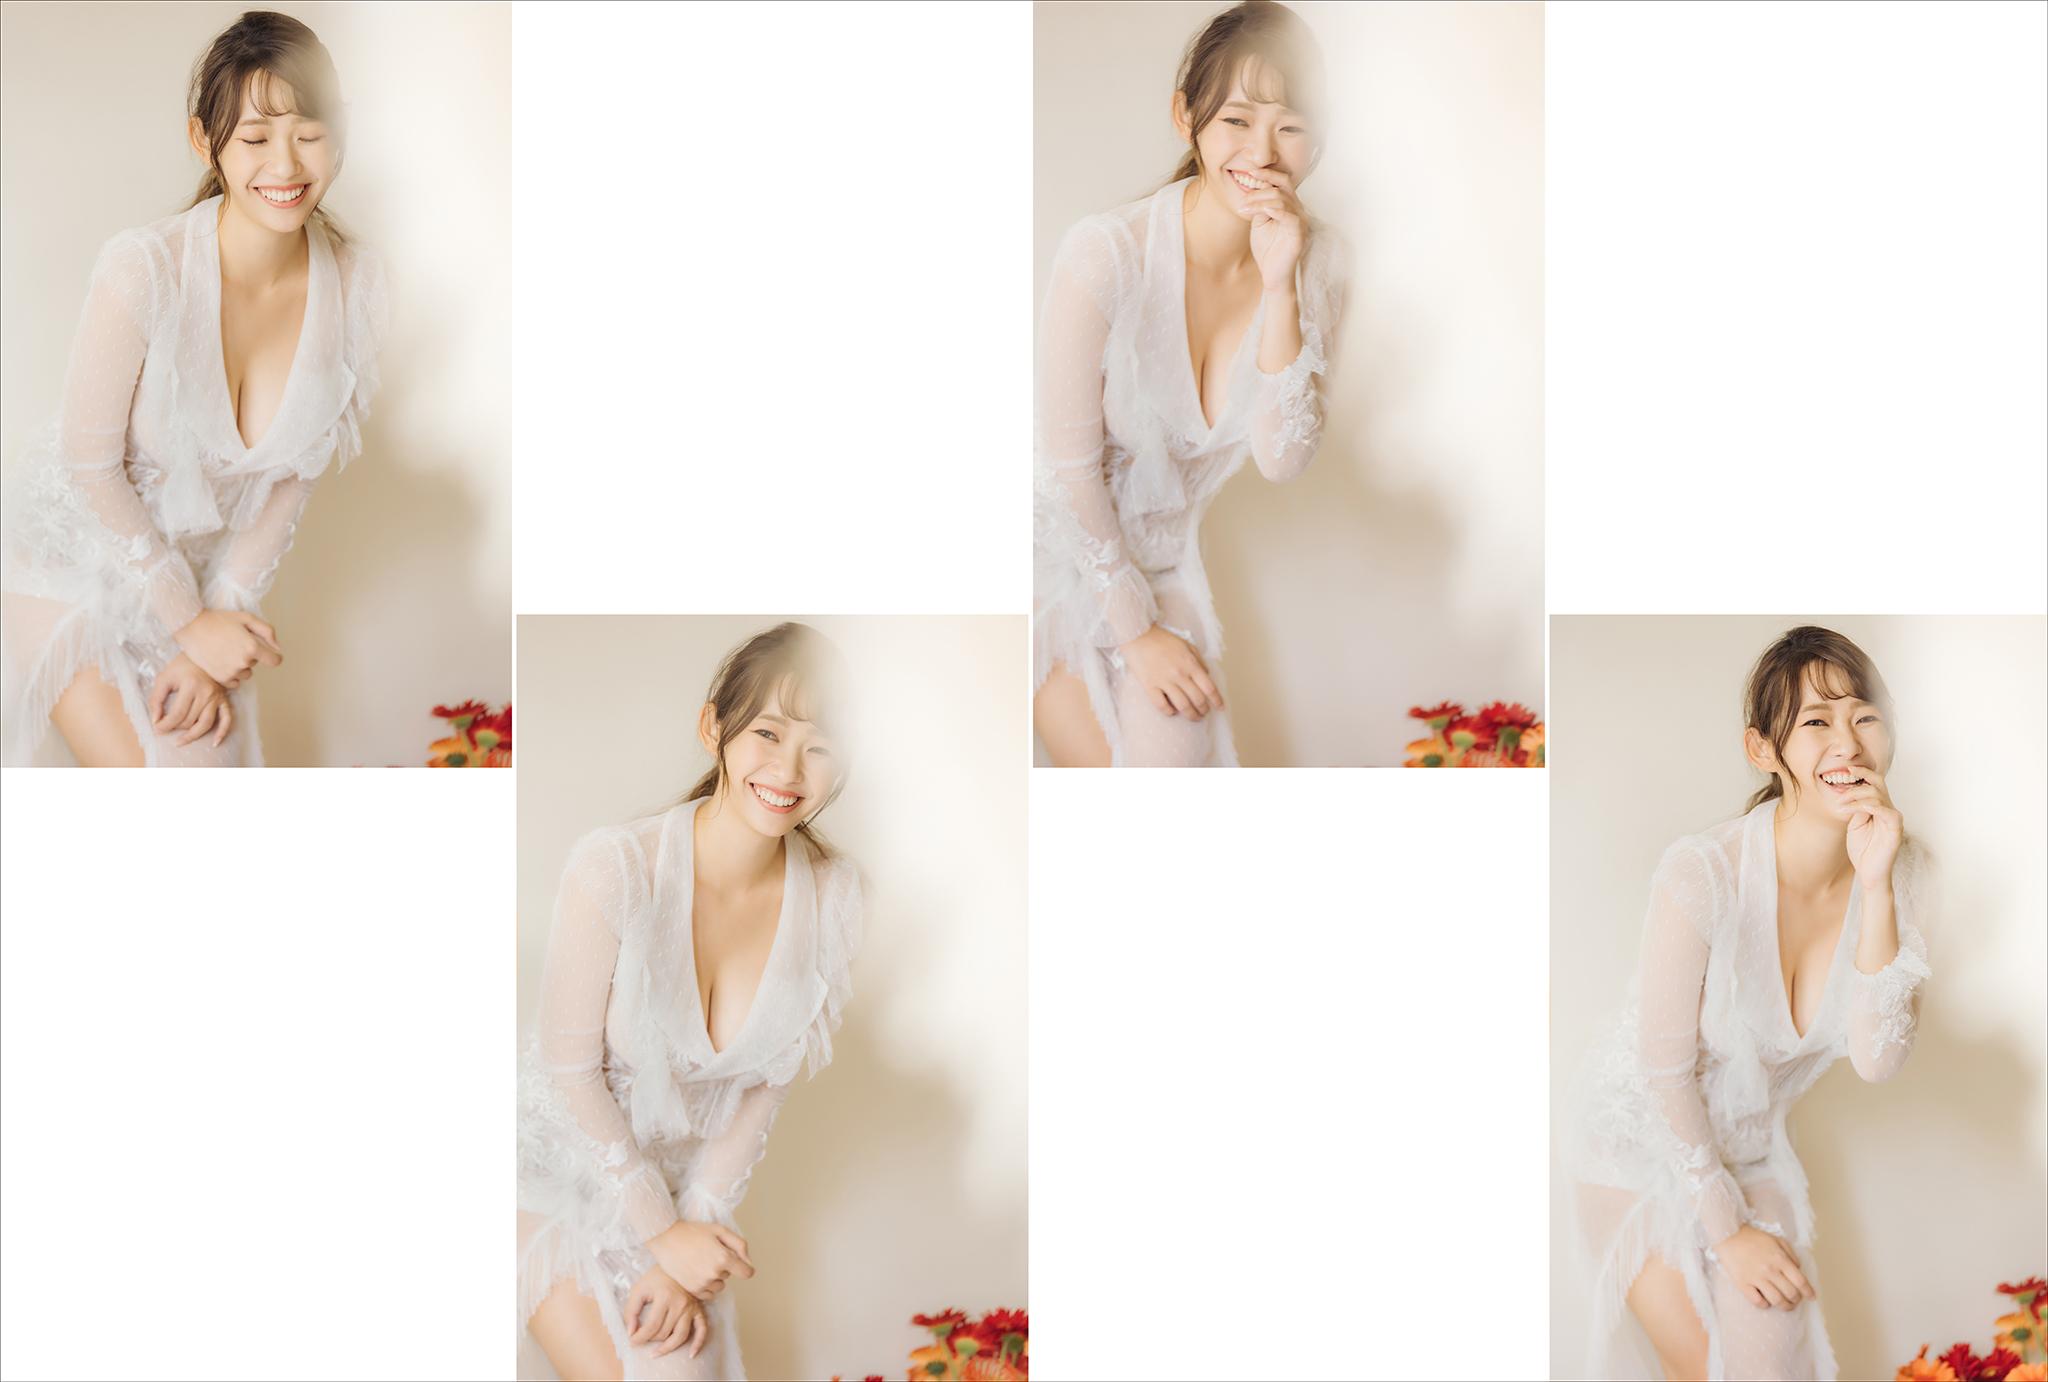 51577450071 a51d971ec0 o - 【自主婚紗】+江jiang+